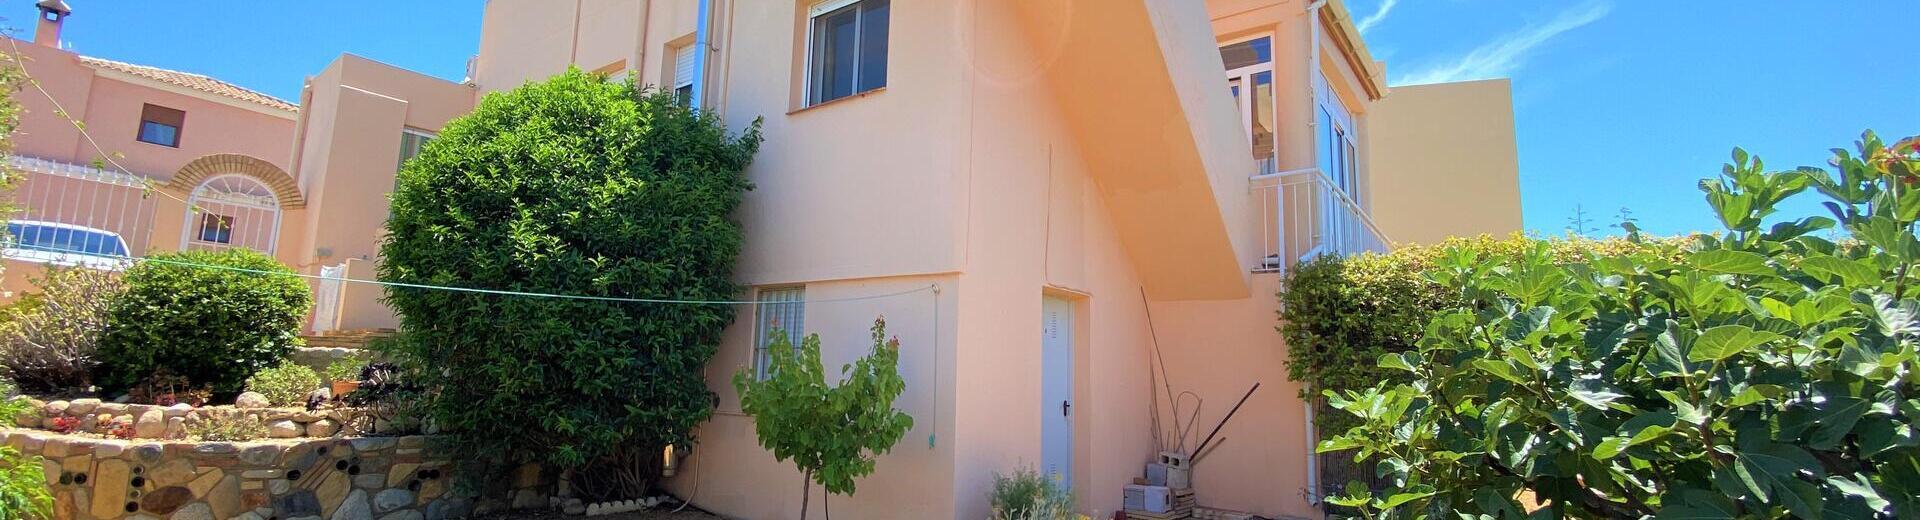 VIP7916: Villa en Venta